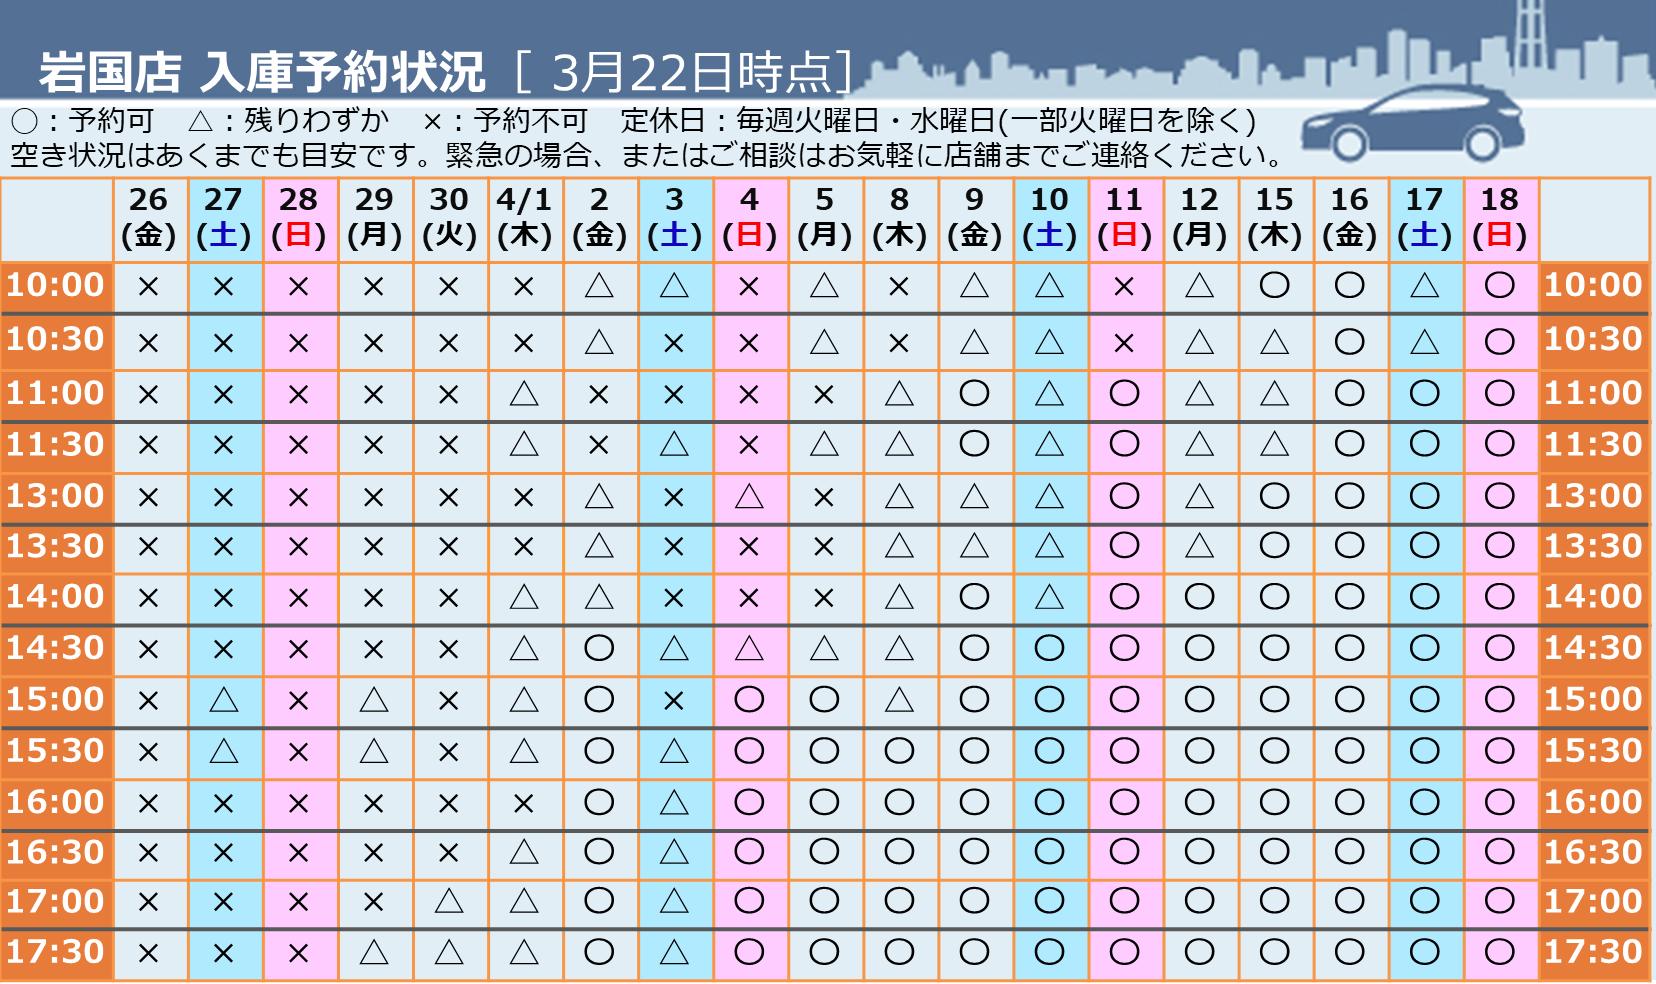 岩国店入庫状況のお知らせ3/22時点